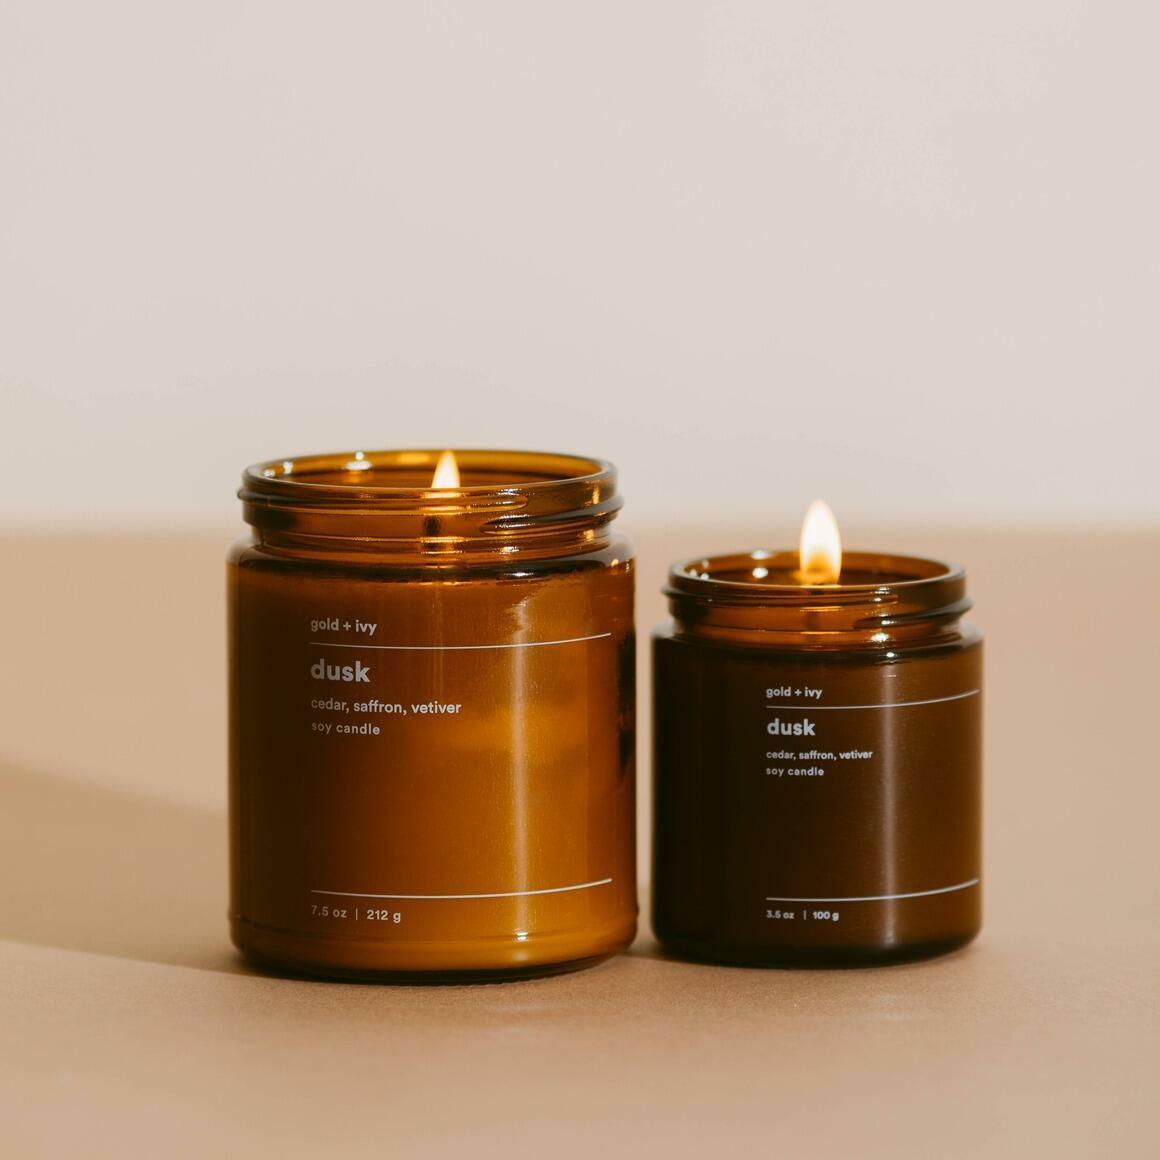 dusk 3.5 oz. soy candle - mini | Trada Marketplace